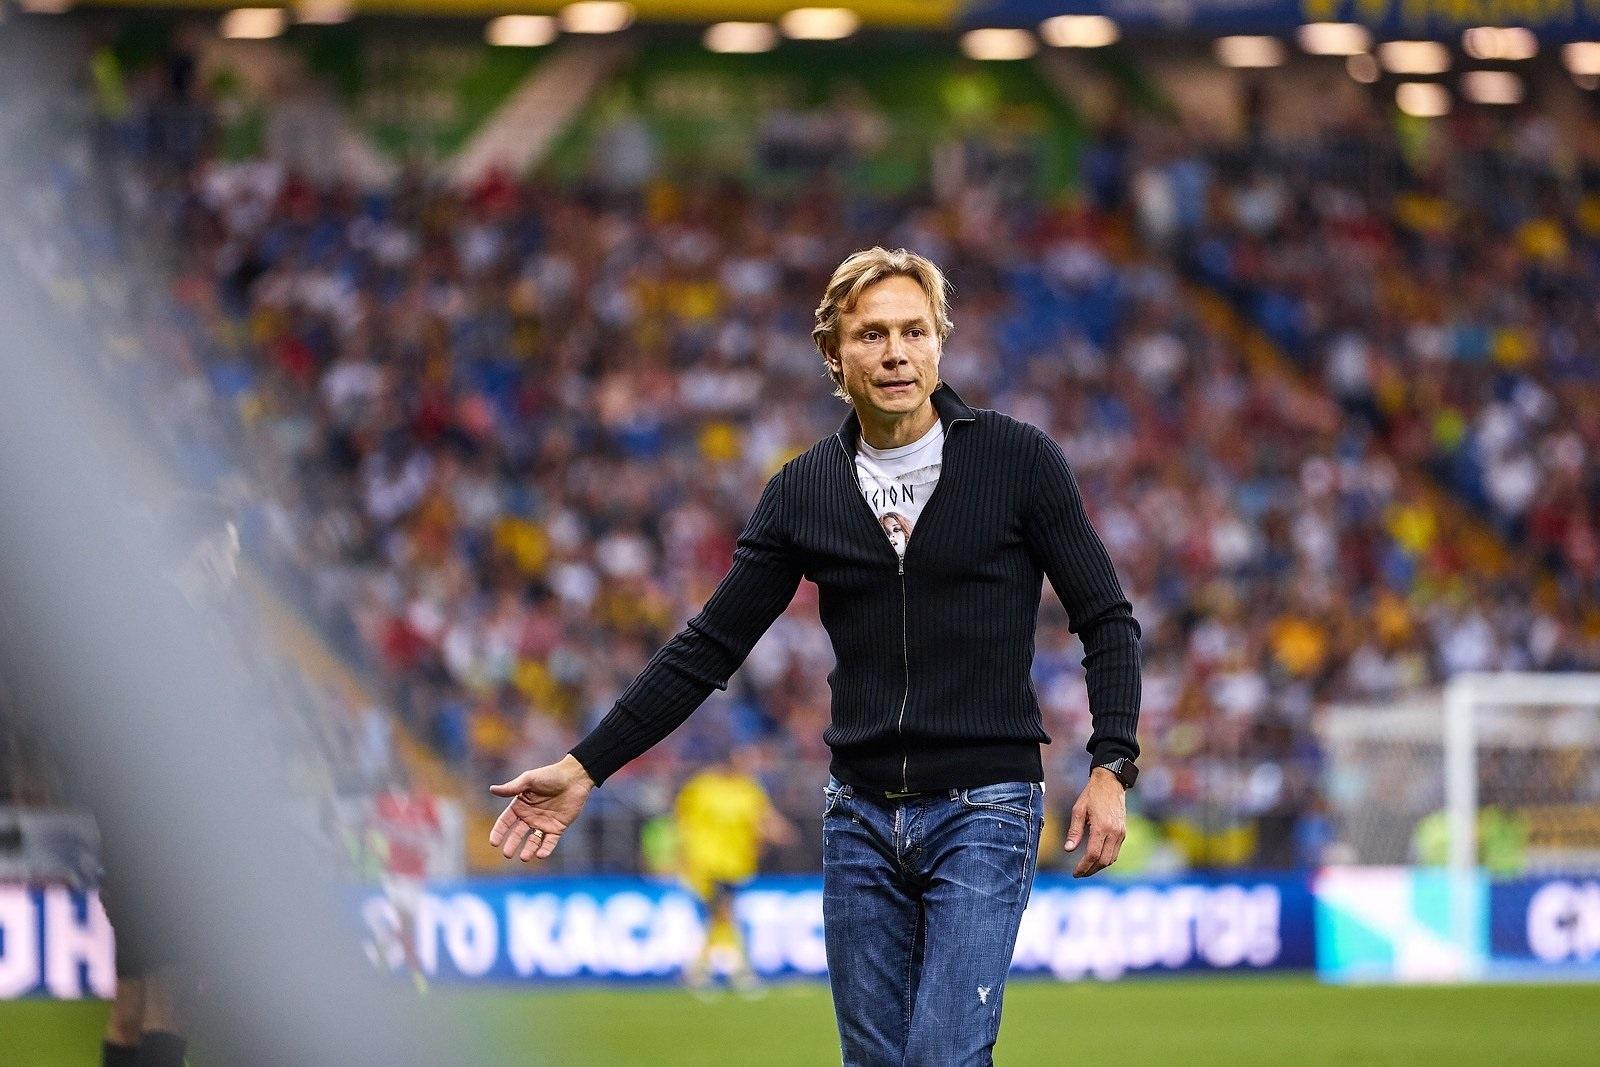 Карпин как тренер сборной России – странный выбор. Его заслуги вызывают сомнение - фото